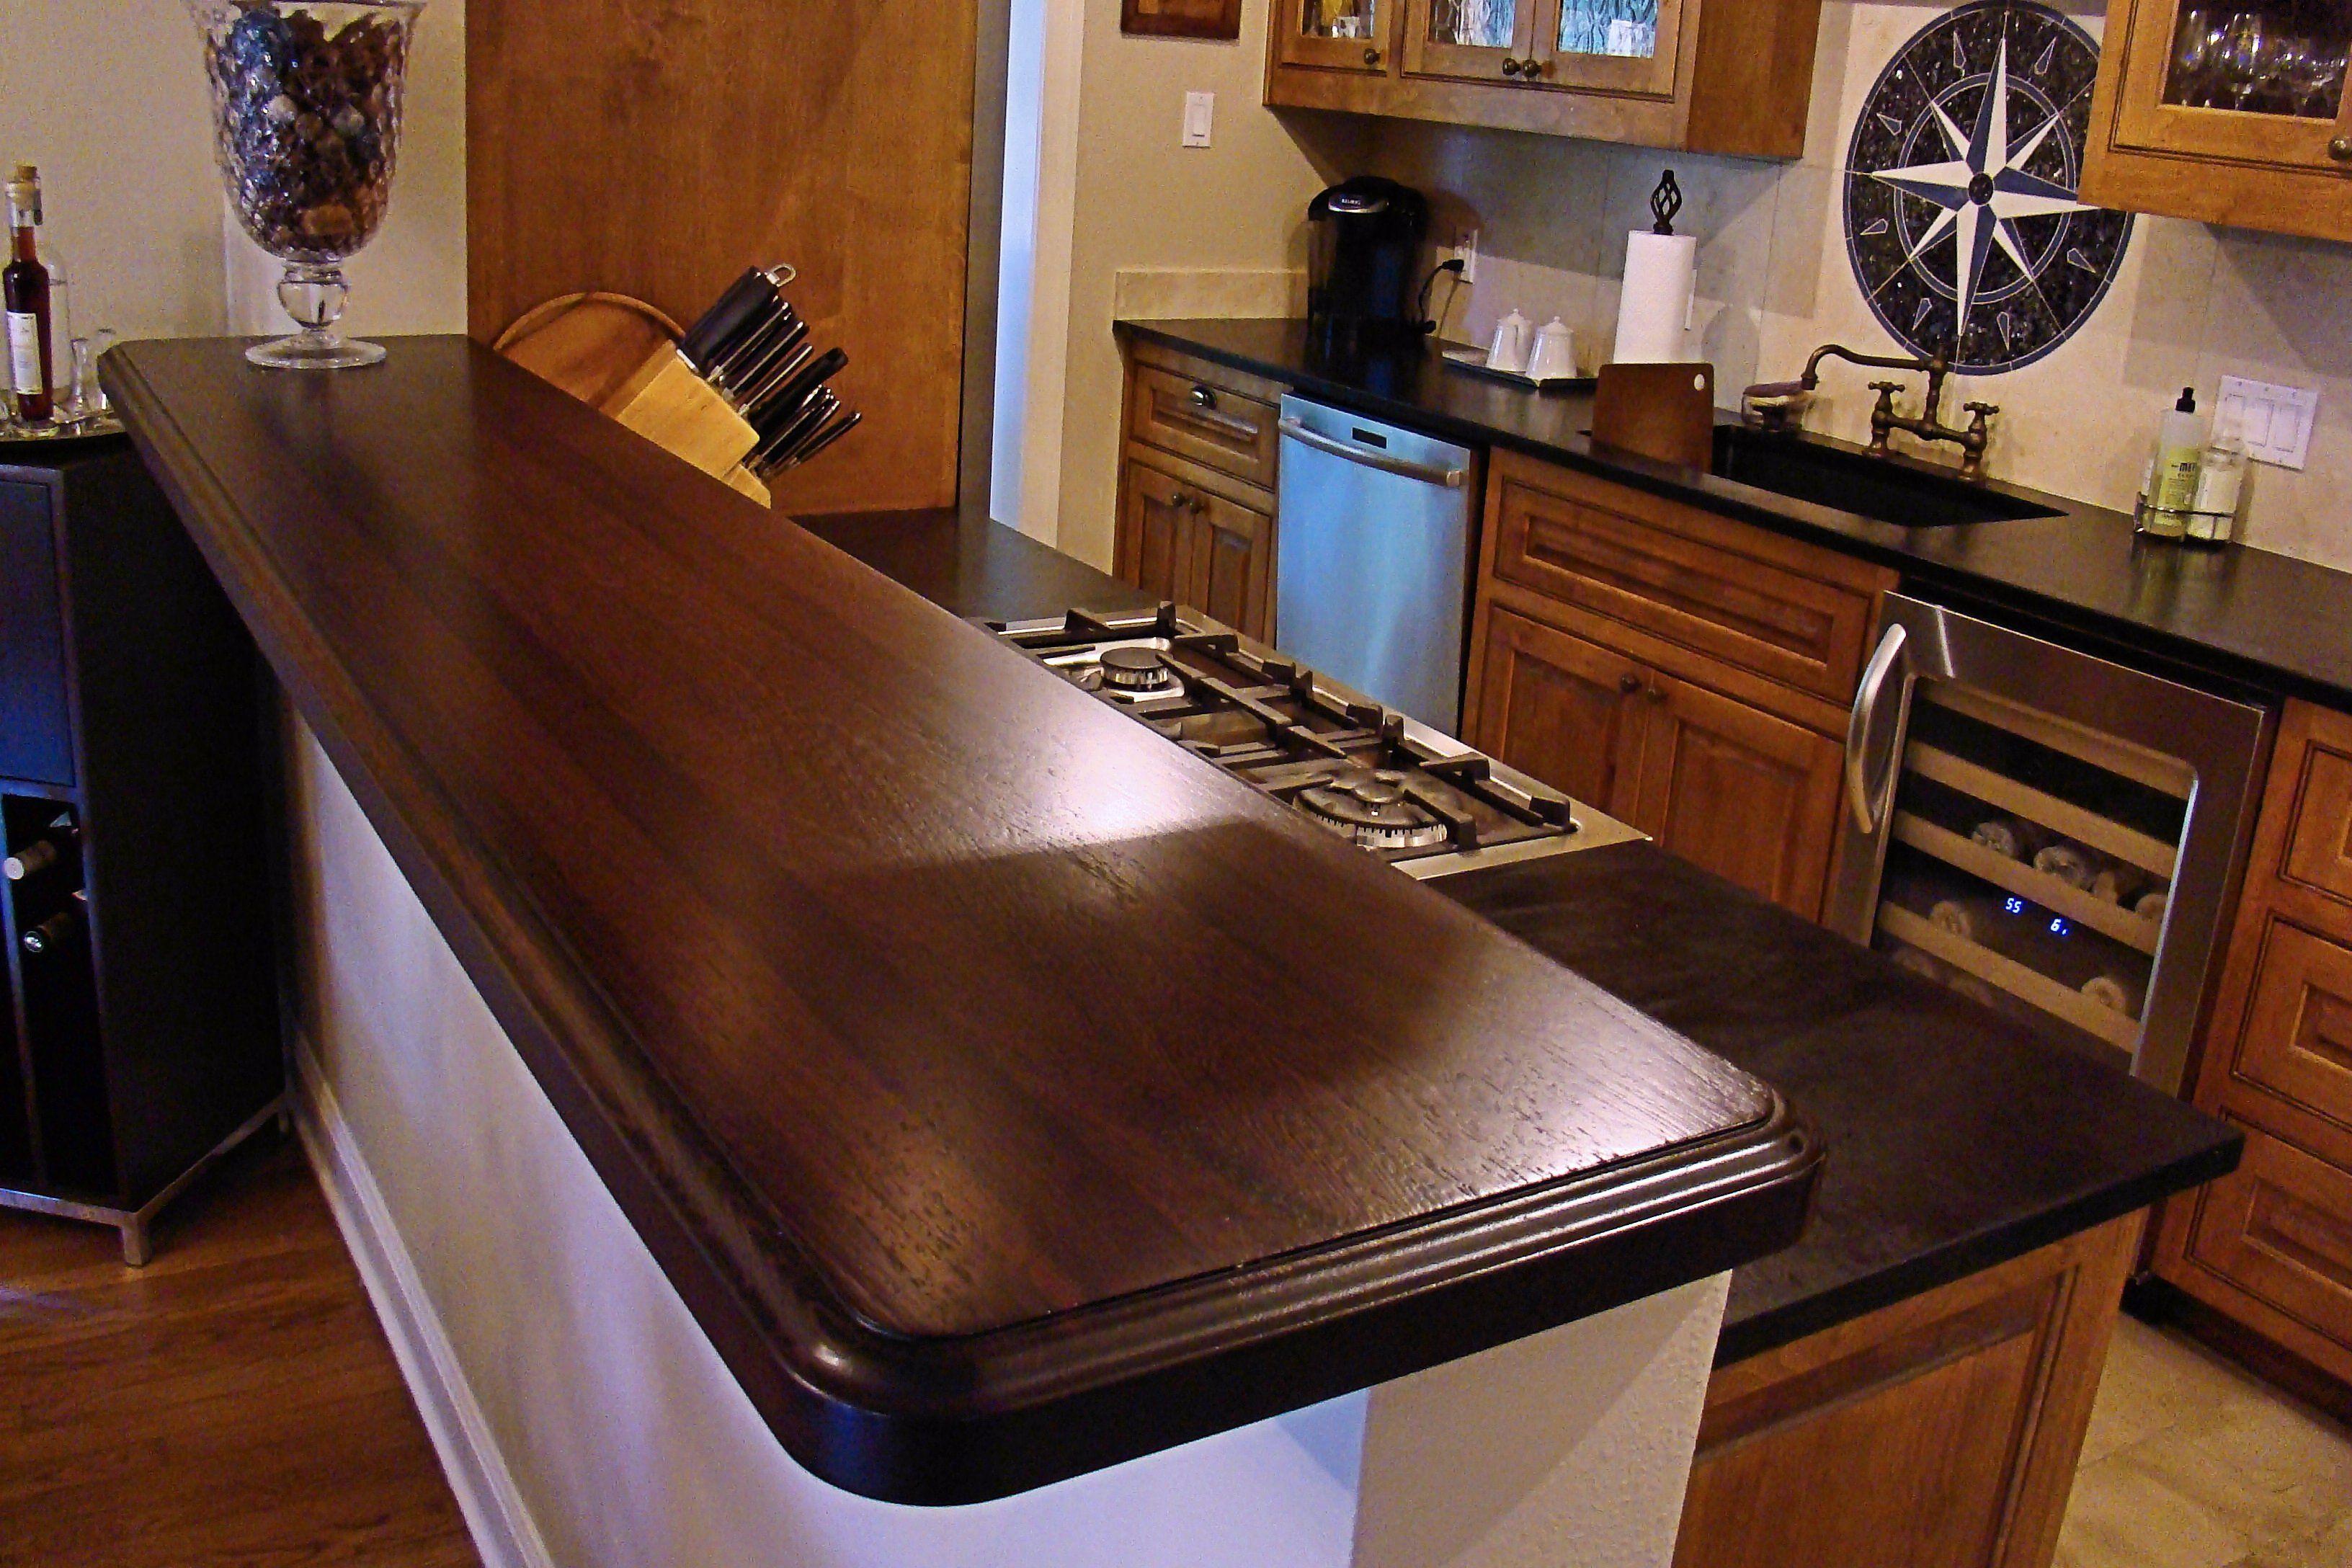 Wenge Wood Countertop Photo Gallery by DeVos Custom